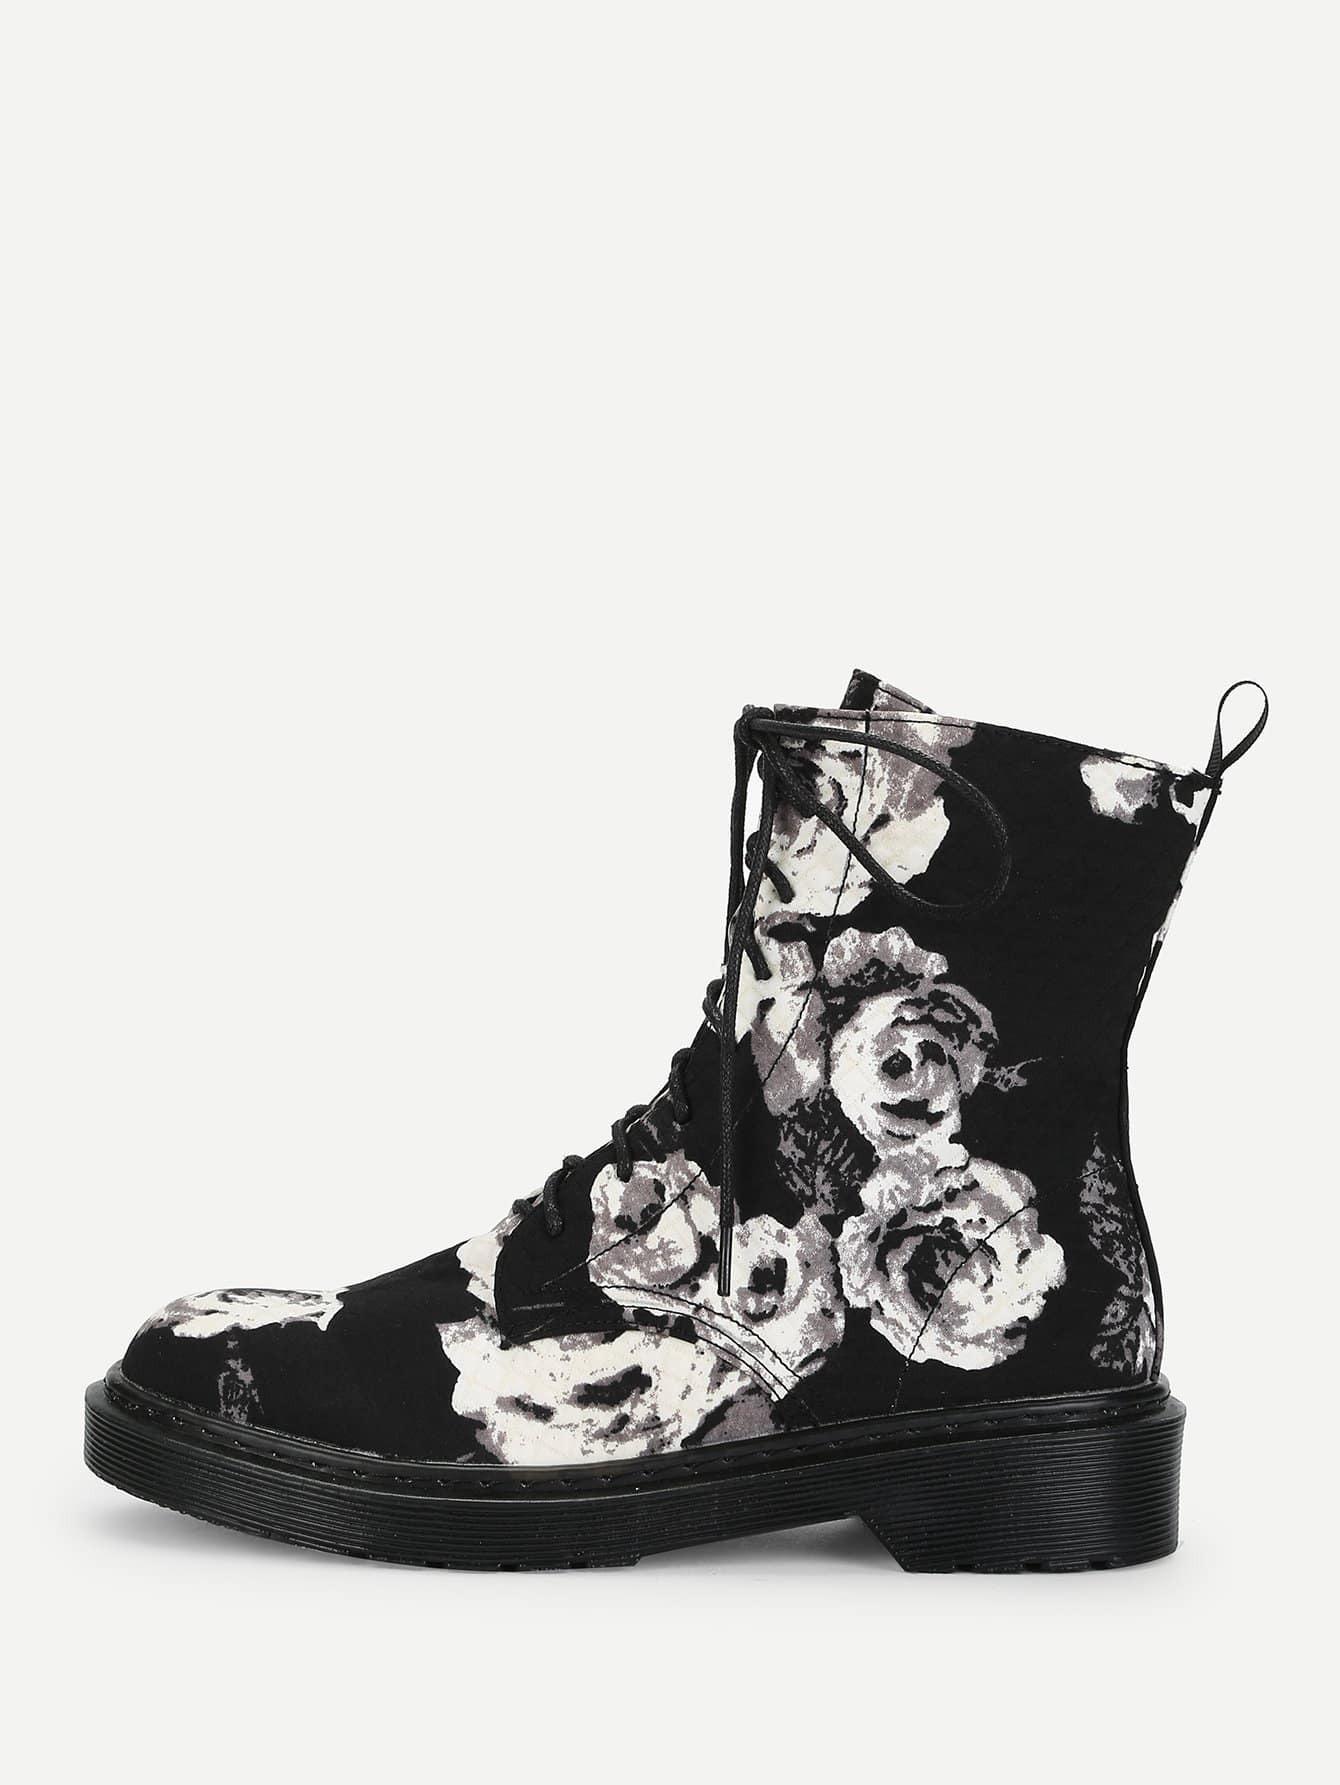 Купить Сапоги с шнурками и с рисунками цветов, null, SheIn